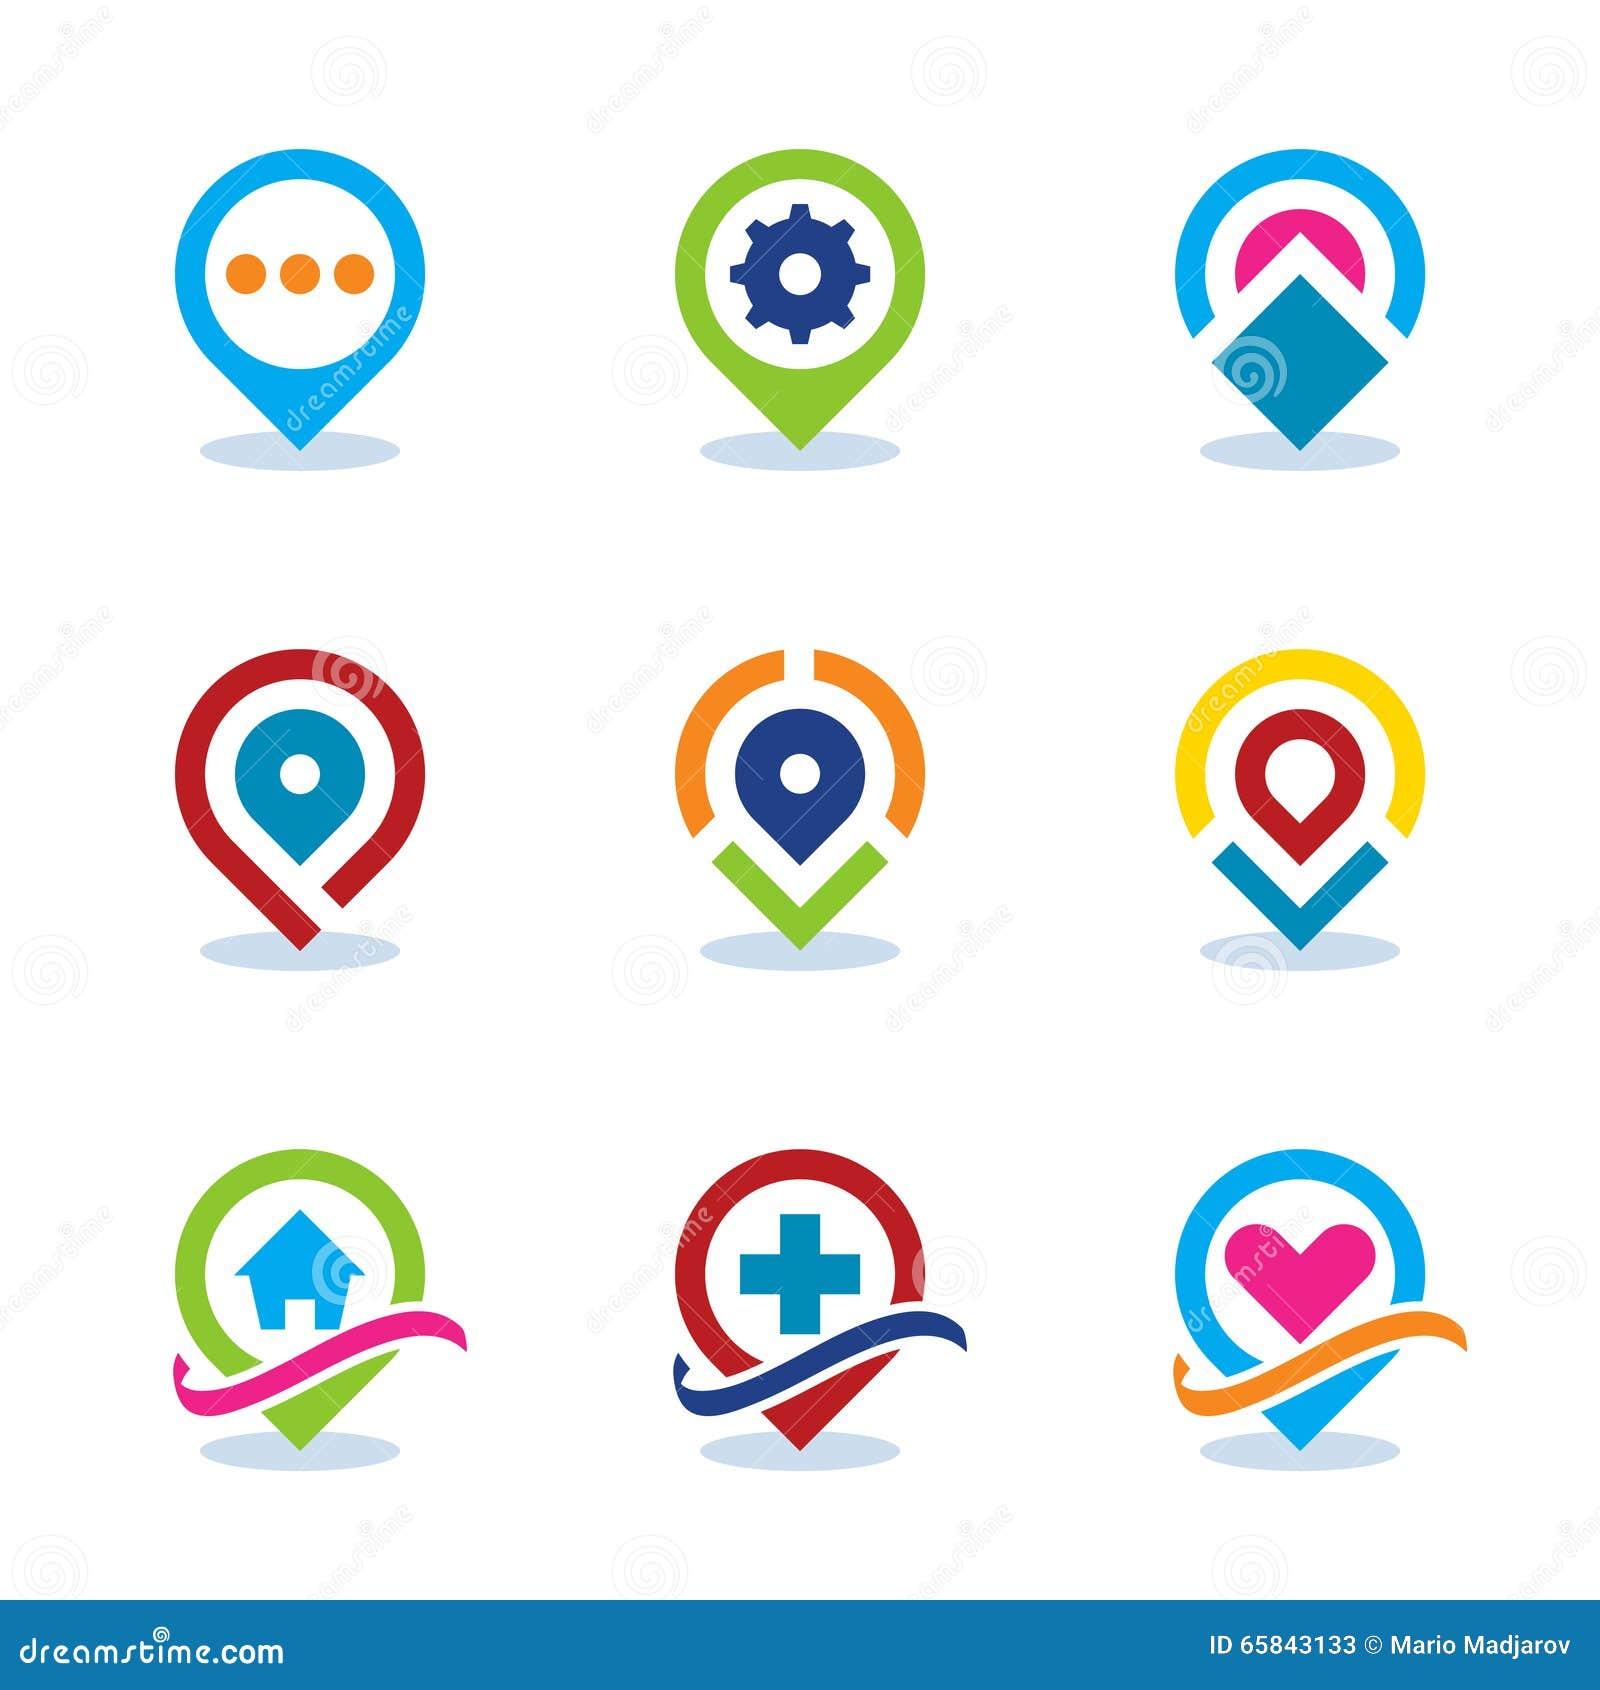 Da posição social da comunidade de Internet do localizador do mapa do App do mundo moderno ícone liso EPS10